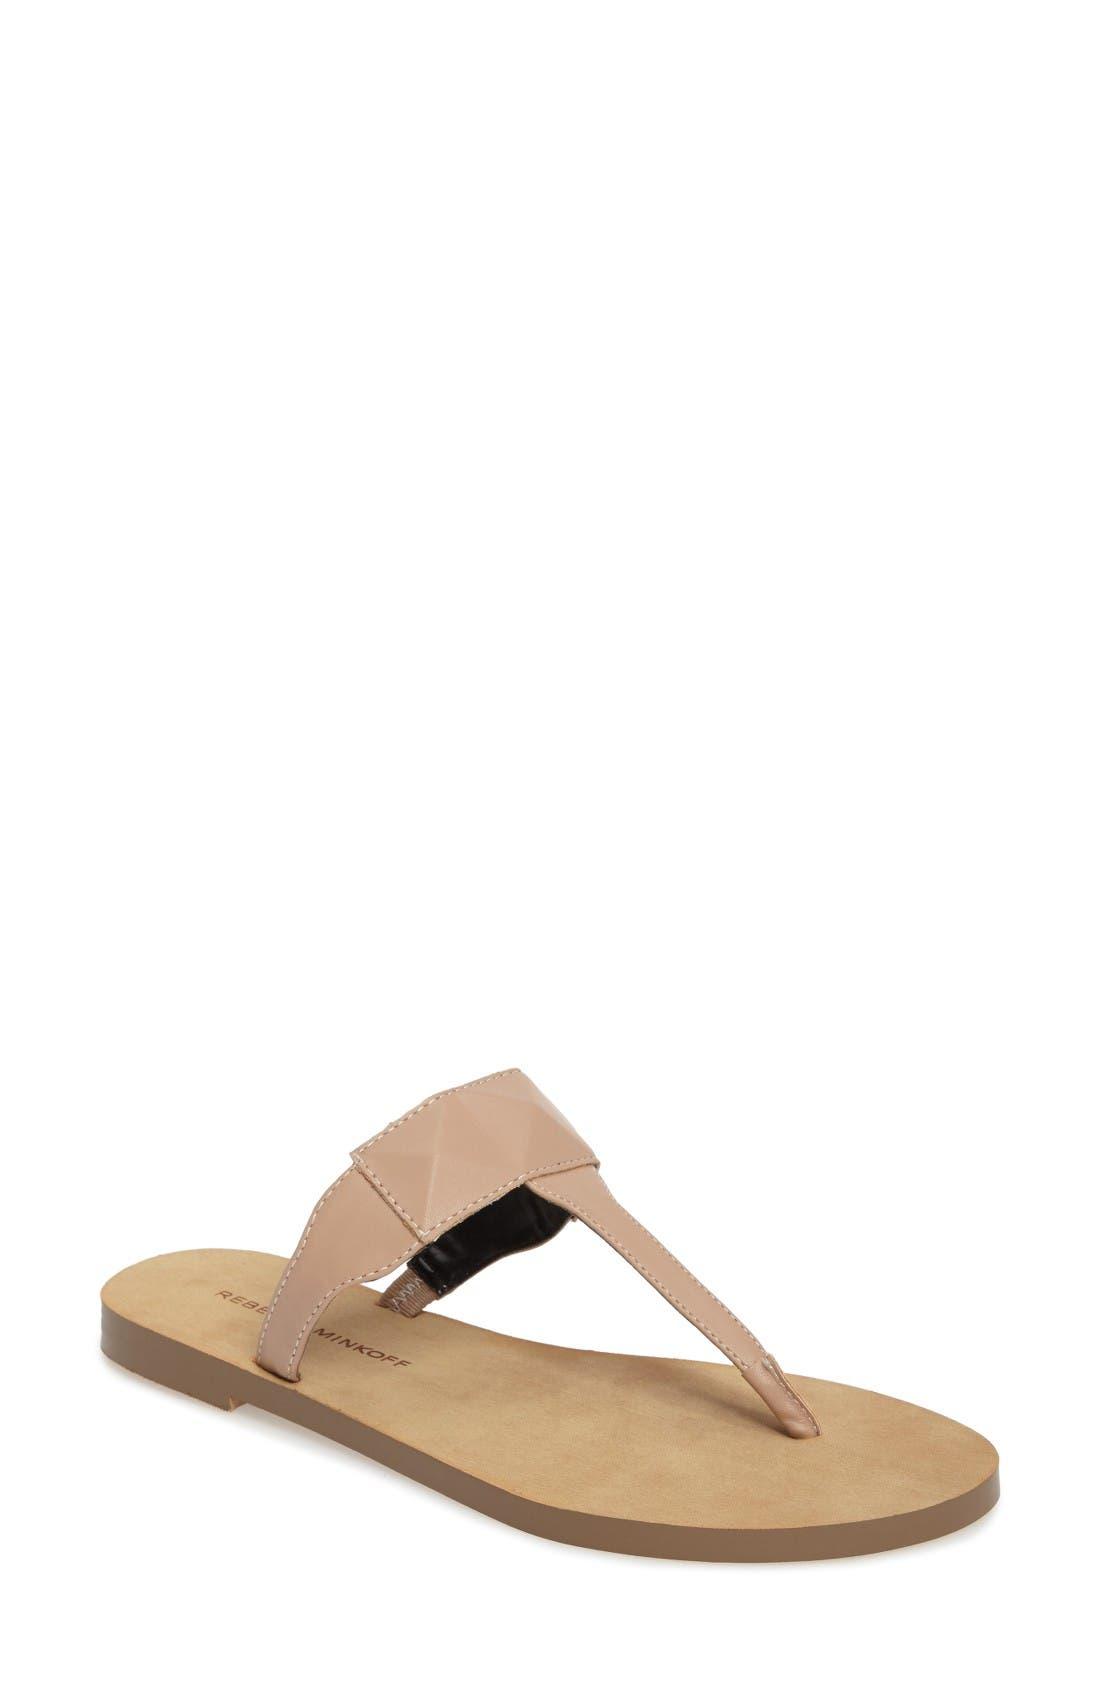 Rebecca Minkoff Eloise Flip Flop Sandal (Women)